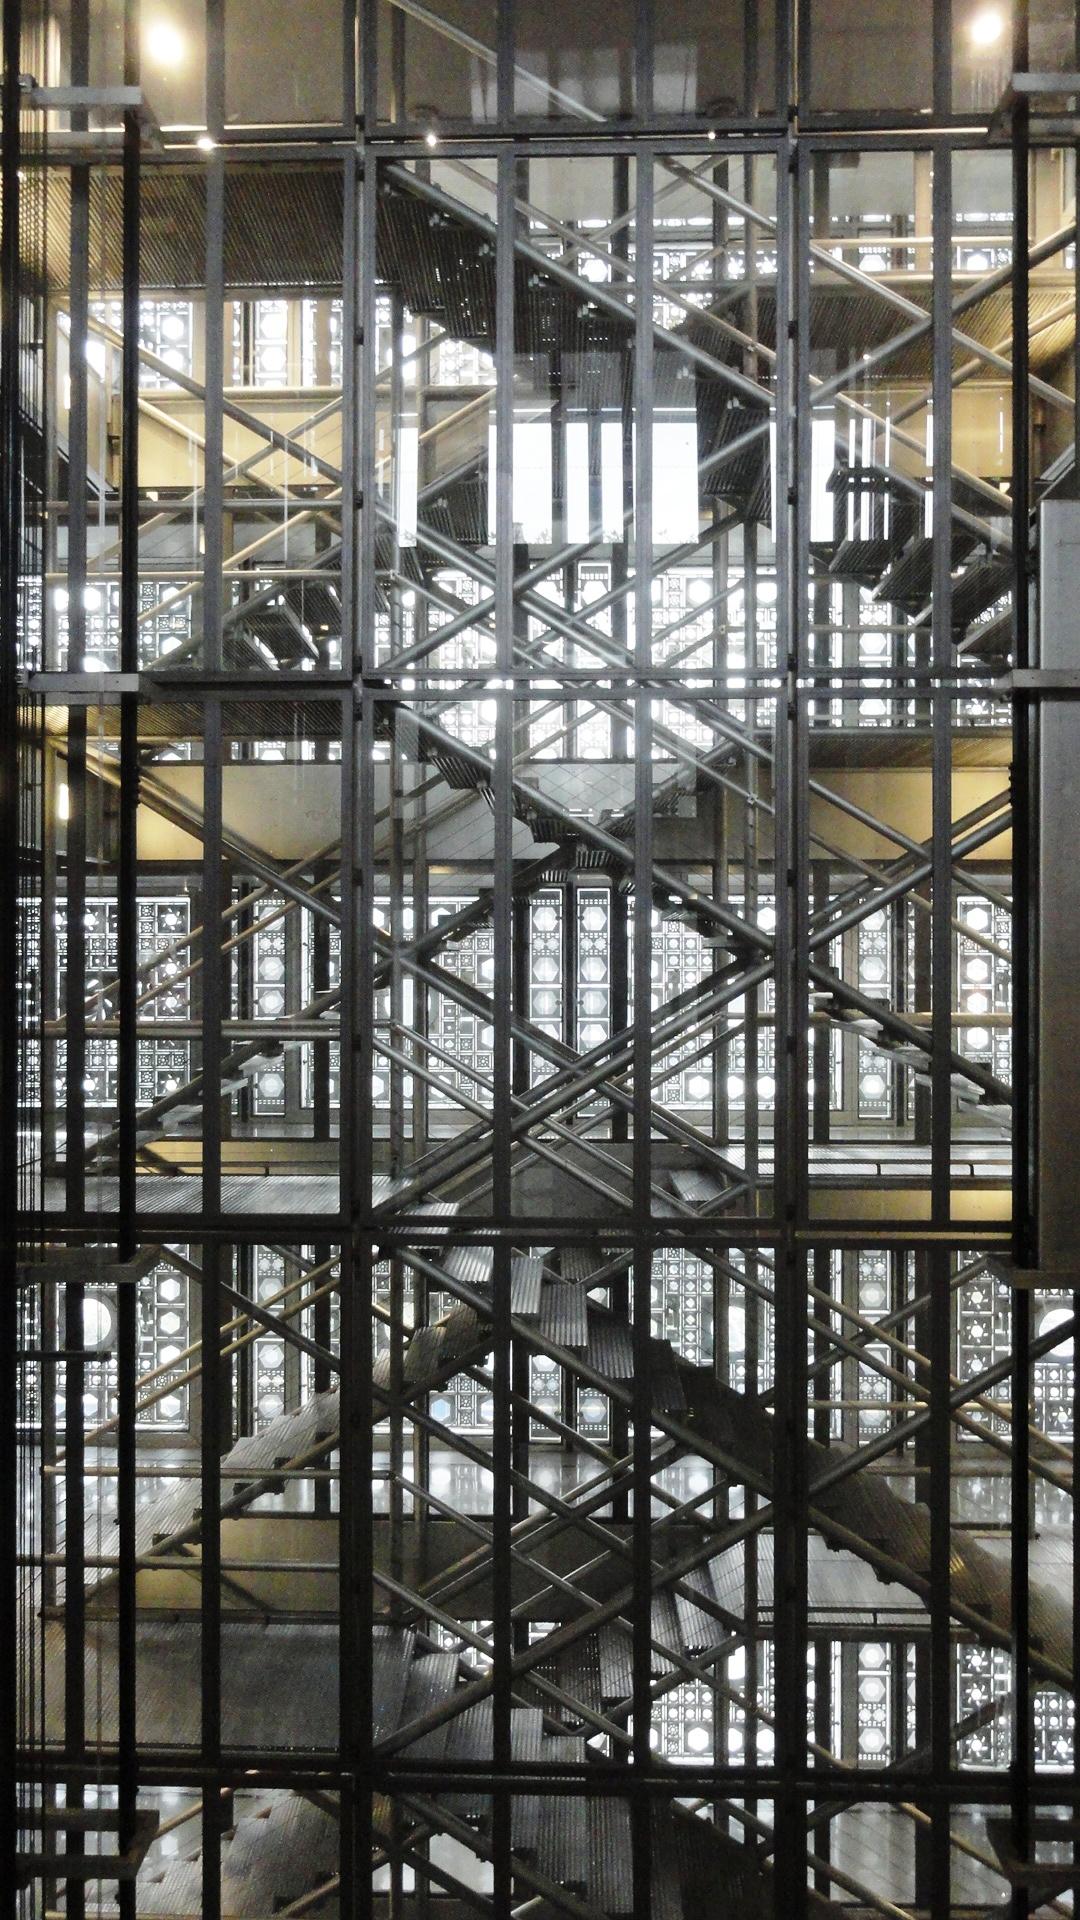 La cage d ascenseur de l hotel - 2 5